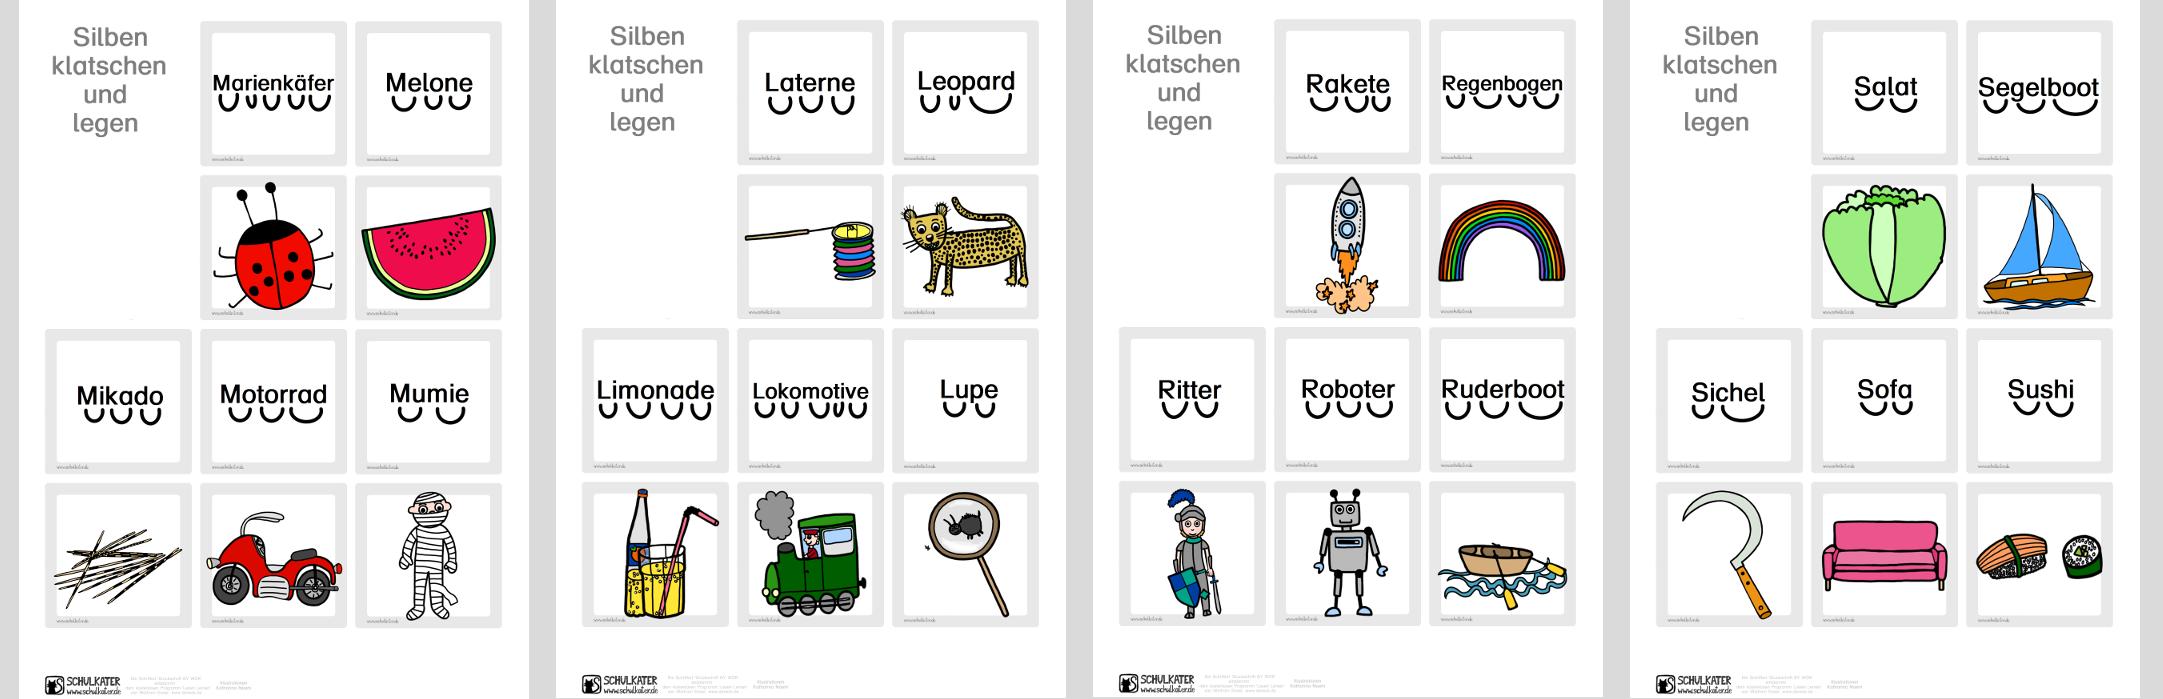 Silbenbogen Zeichnen Zaubereinmaleins Designblog 2